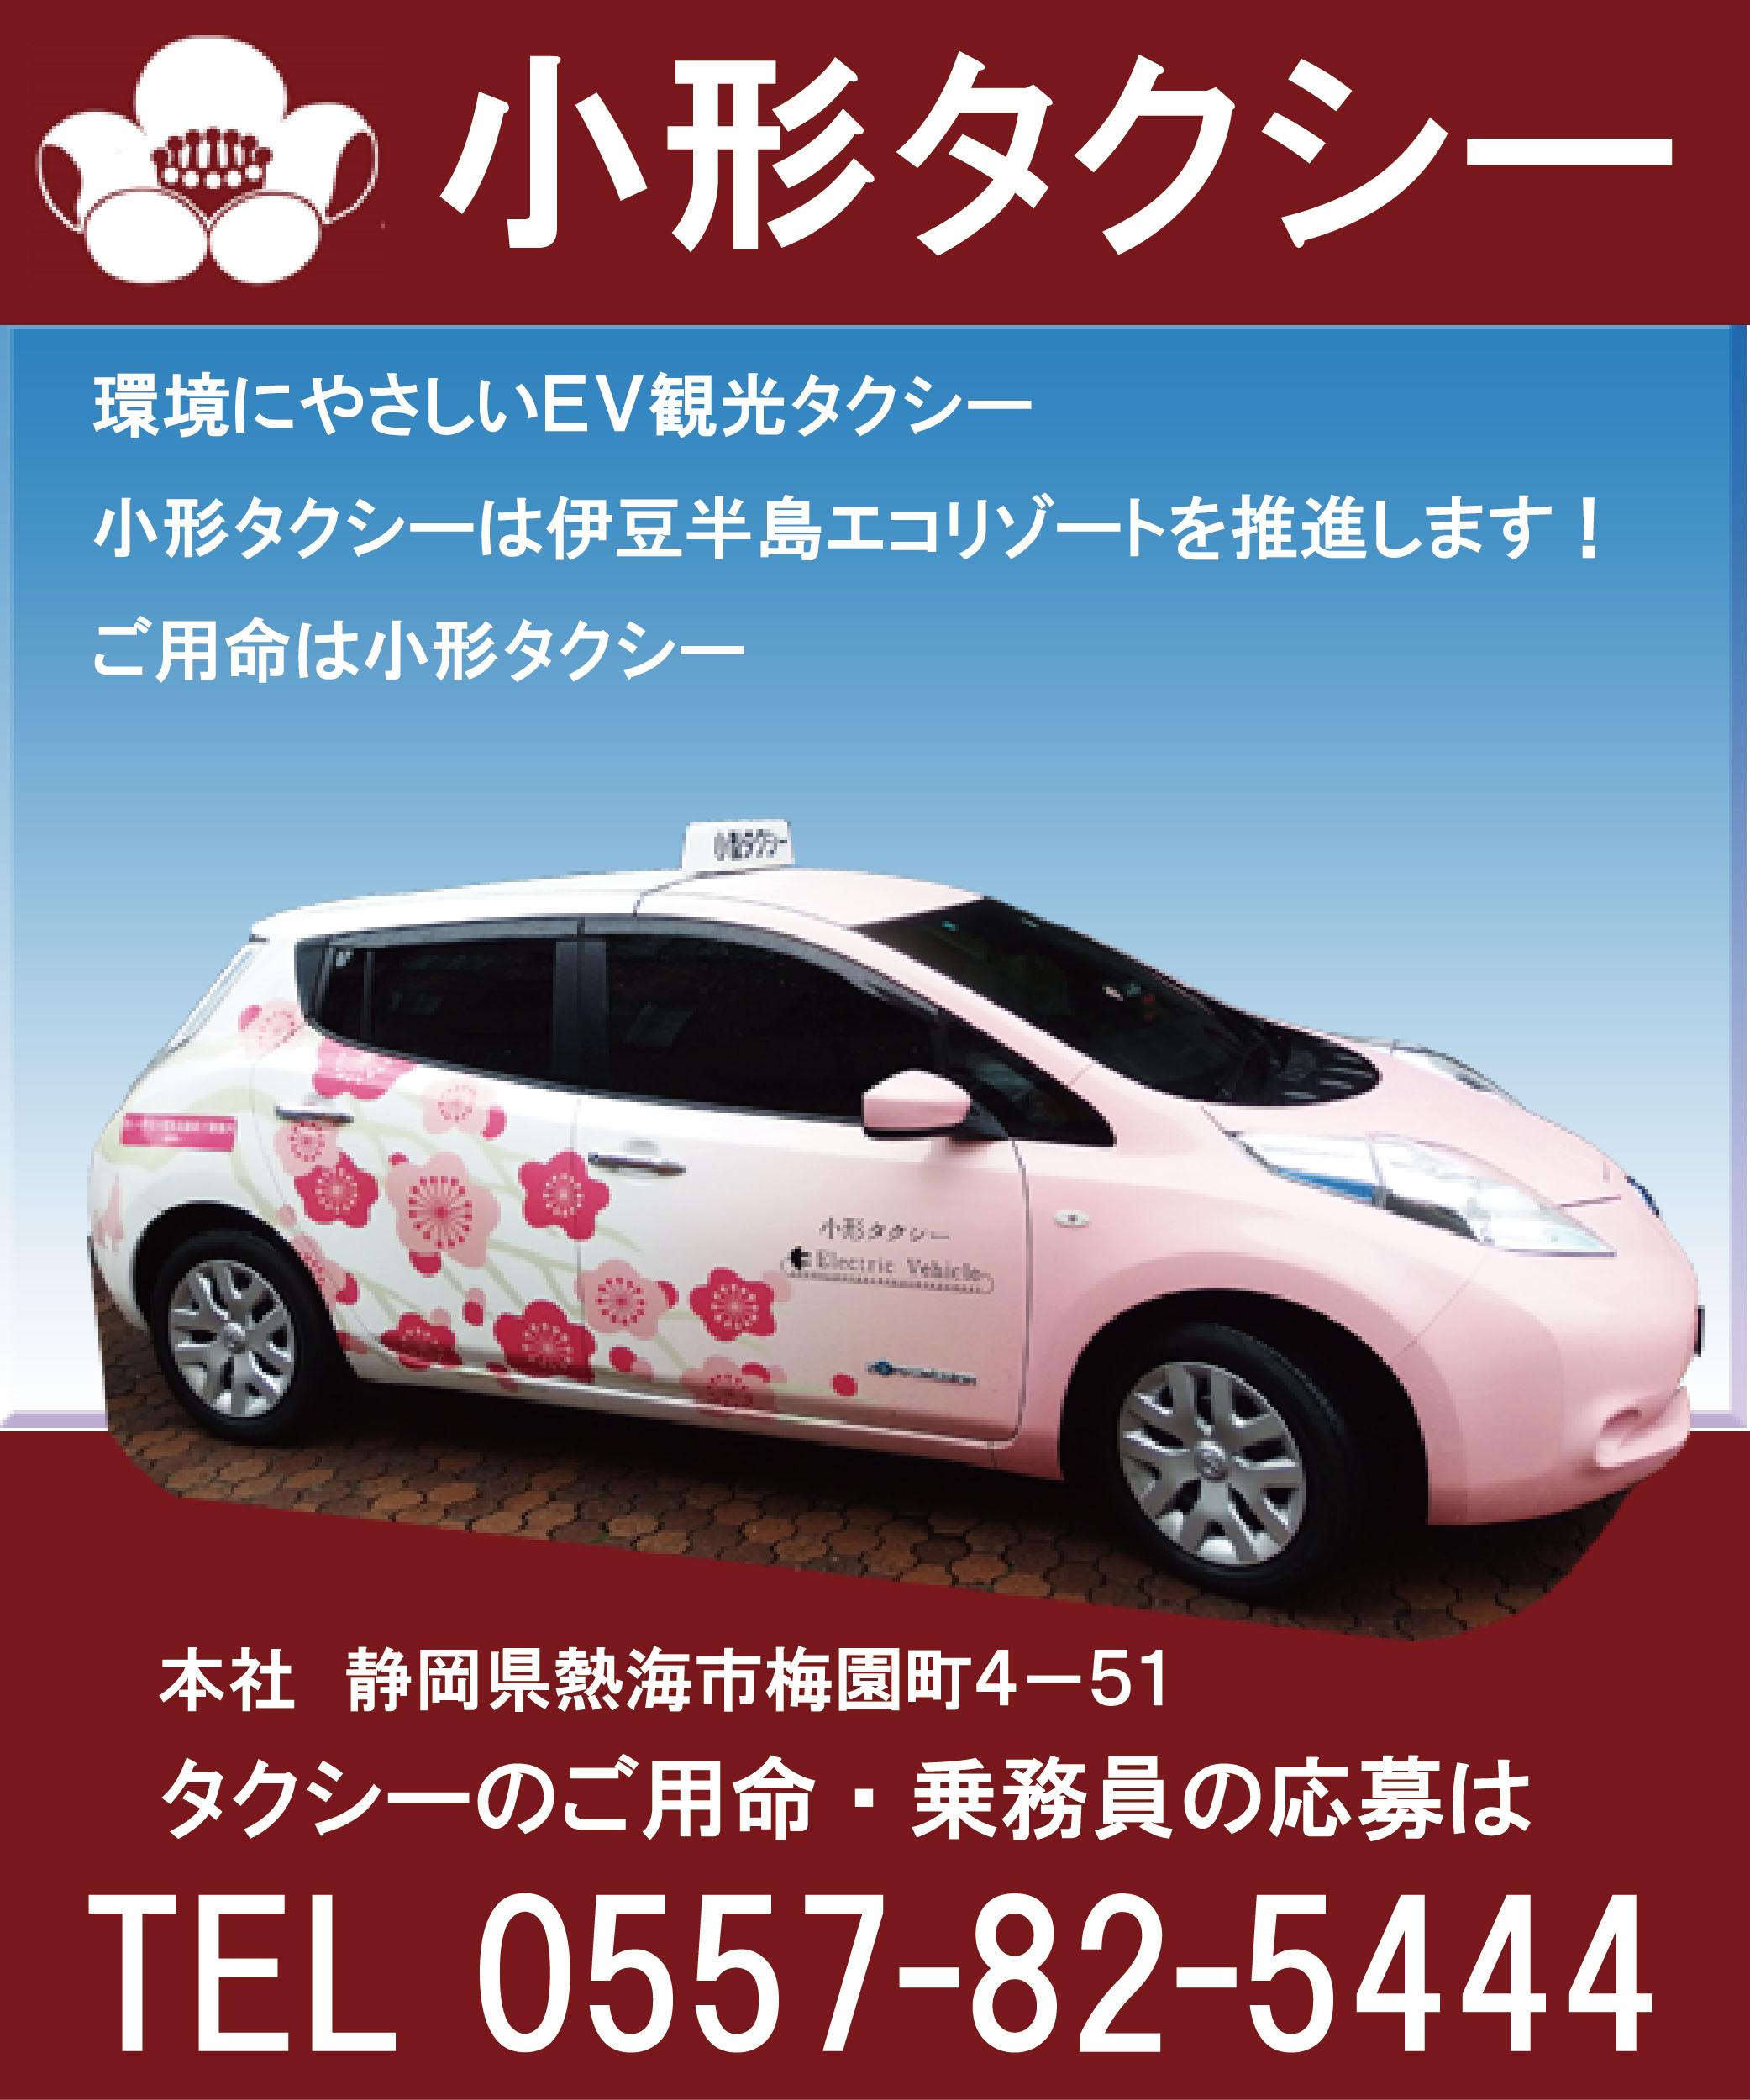 小形タクシー